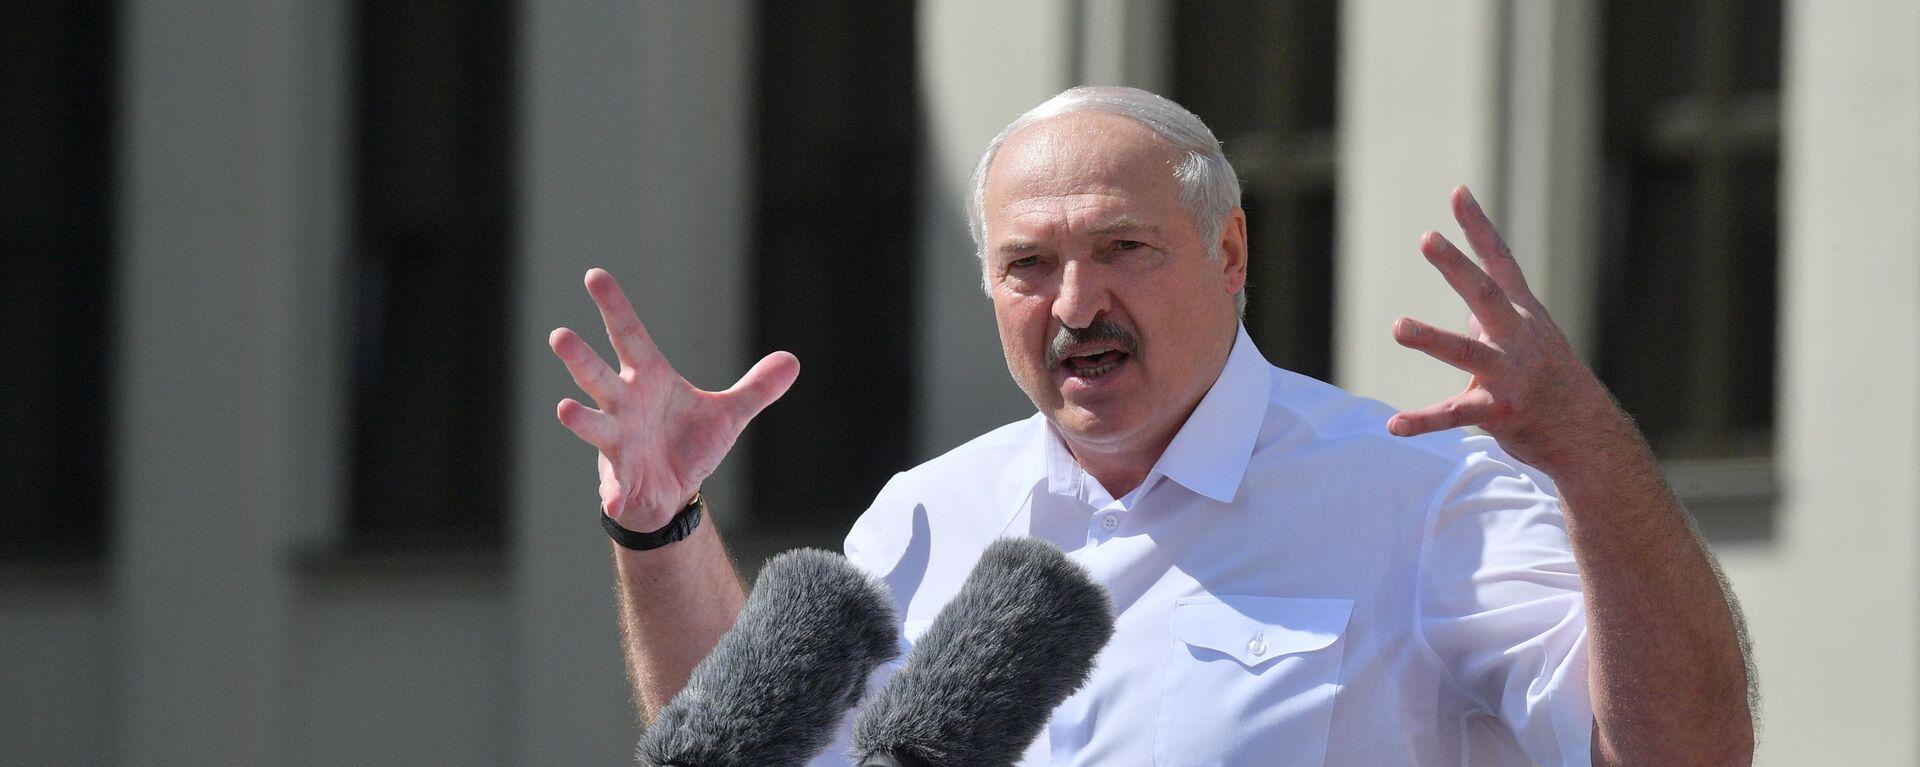 Alexandr Lukashenko, presidente de Bielorrusia  - Sputnik Mundo, 1920, 09.08.2021